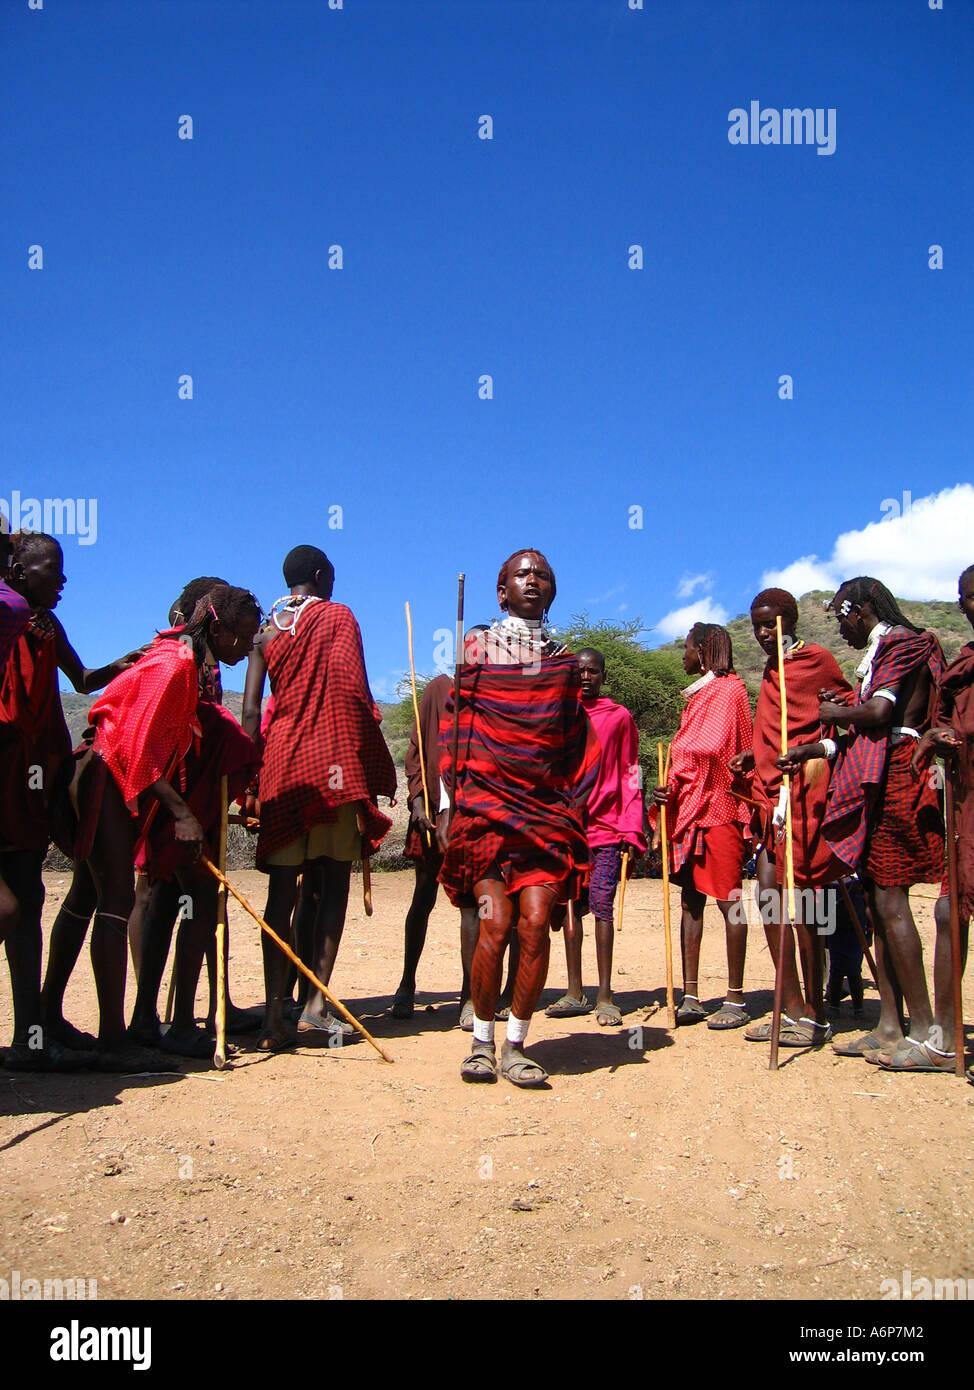 Tanz Der Massai Morani Stockfoto Bild 6642561 Alamy